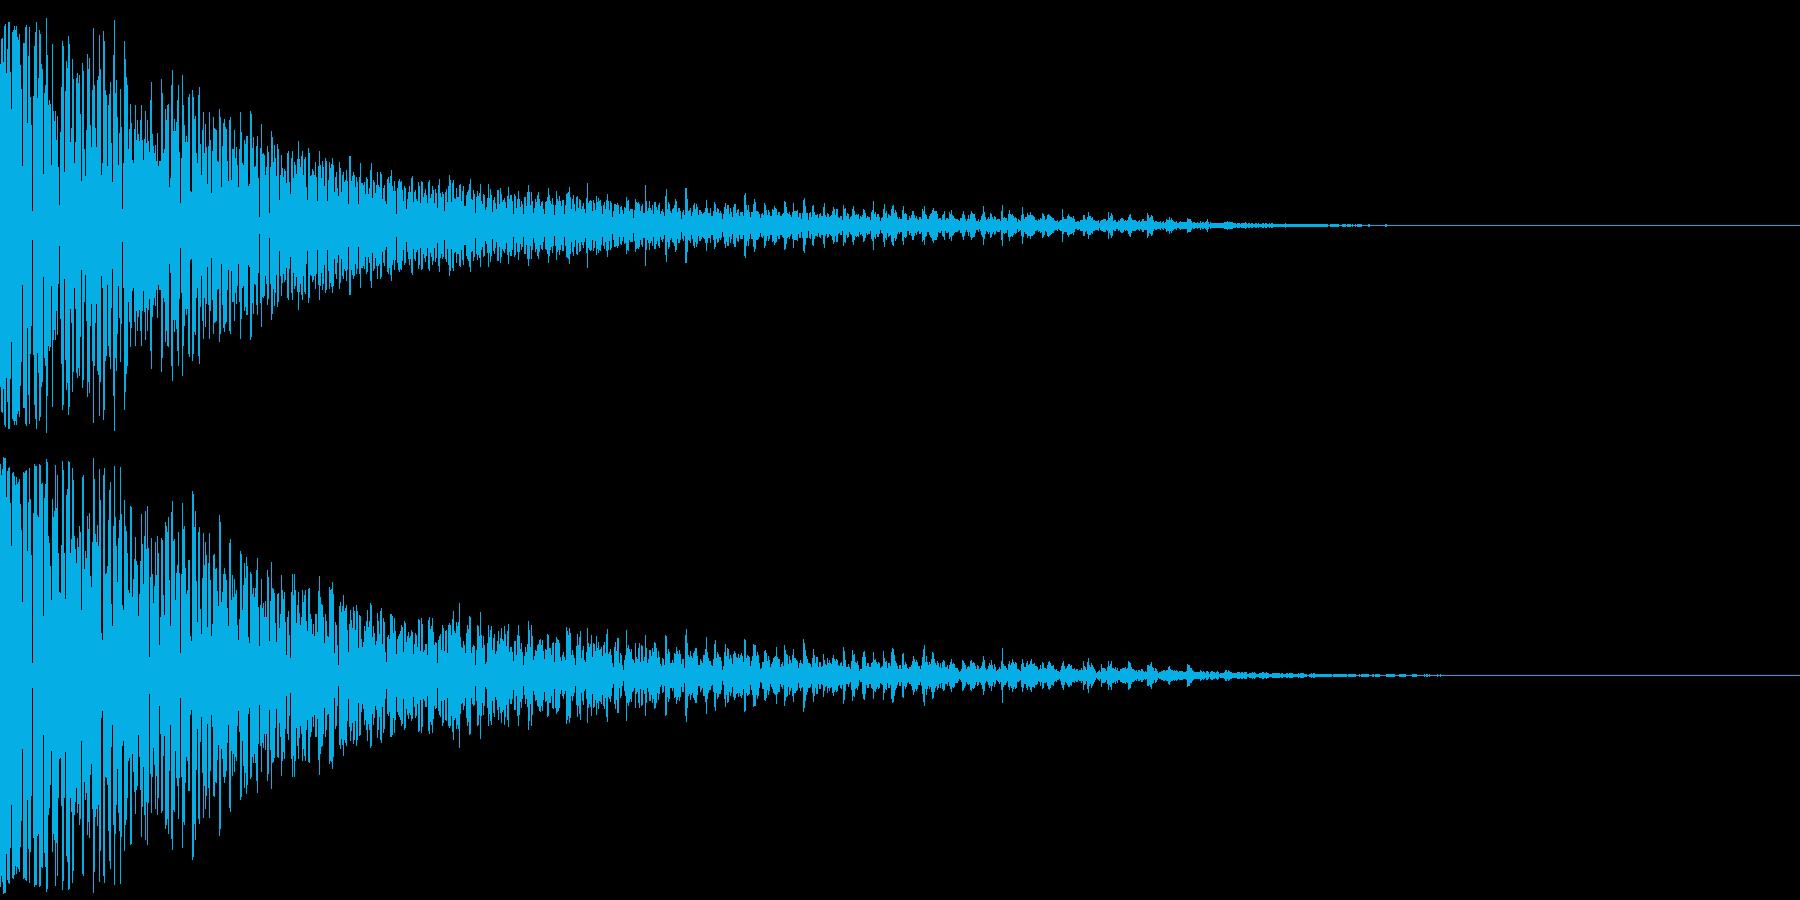 和太鼓ドドン(ヴィブラスラップも同時に)の再生済みの波形